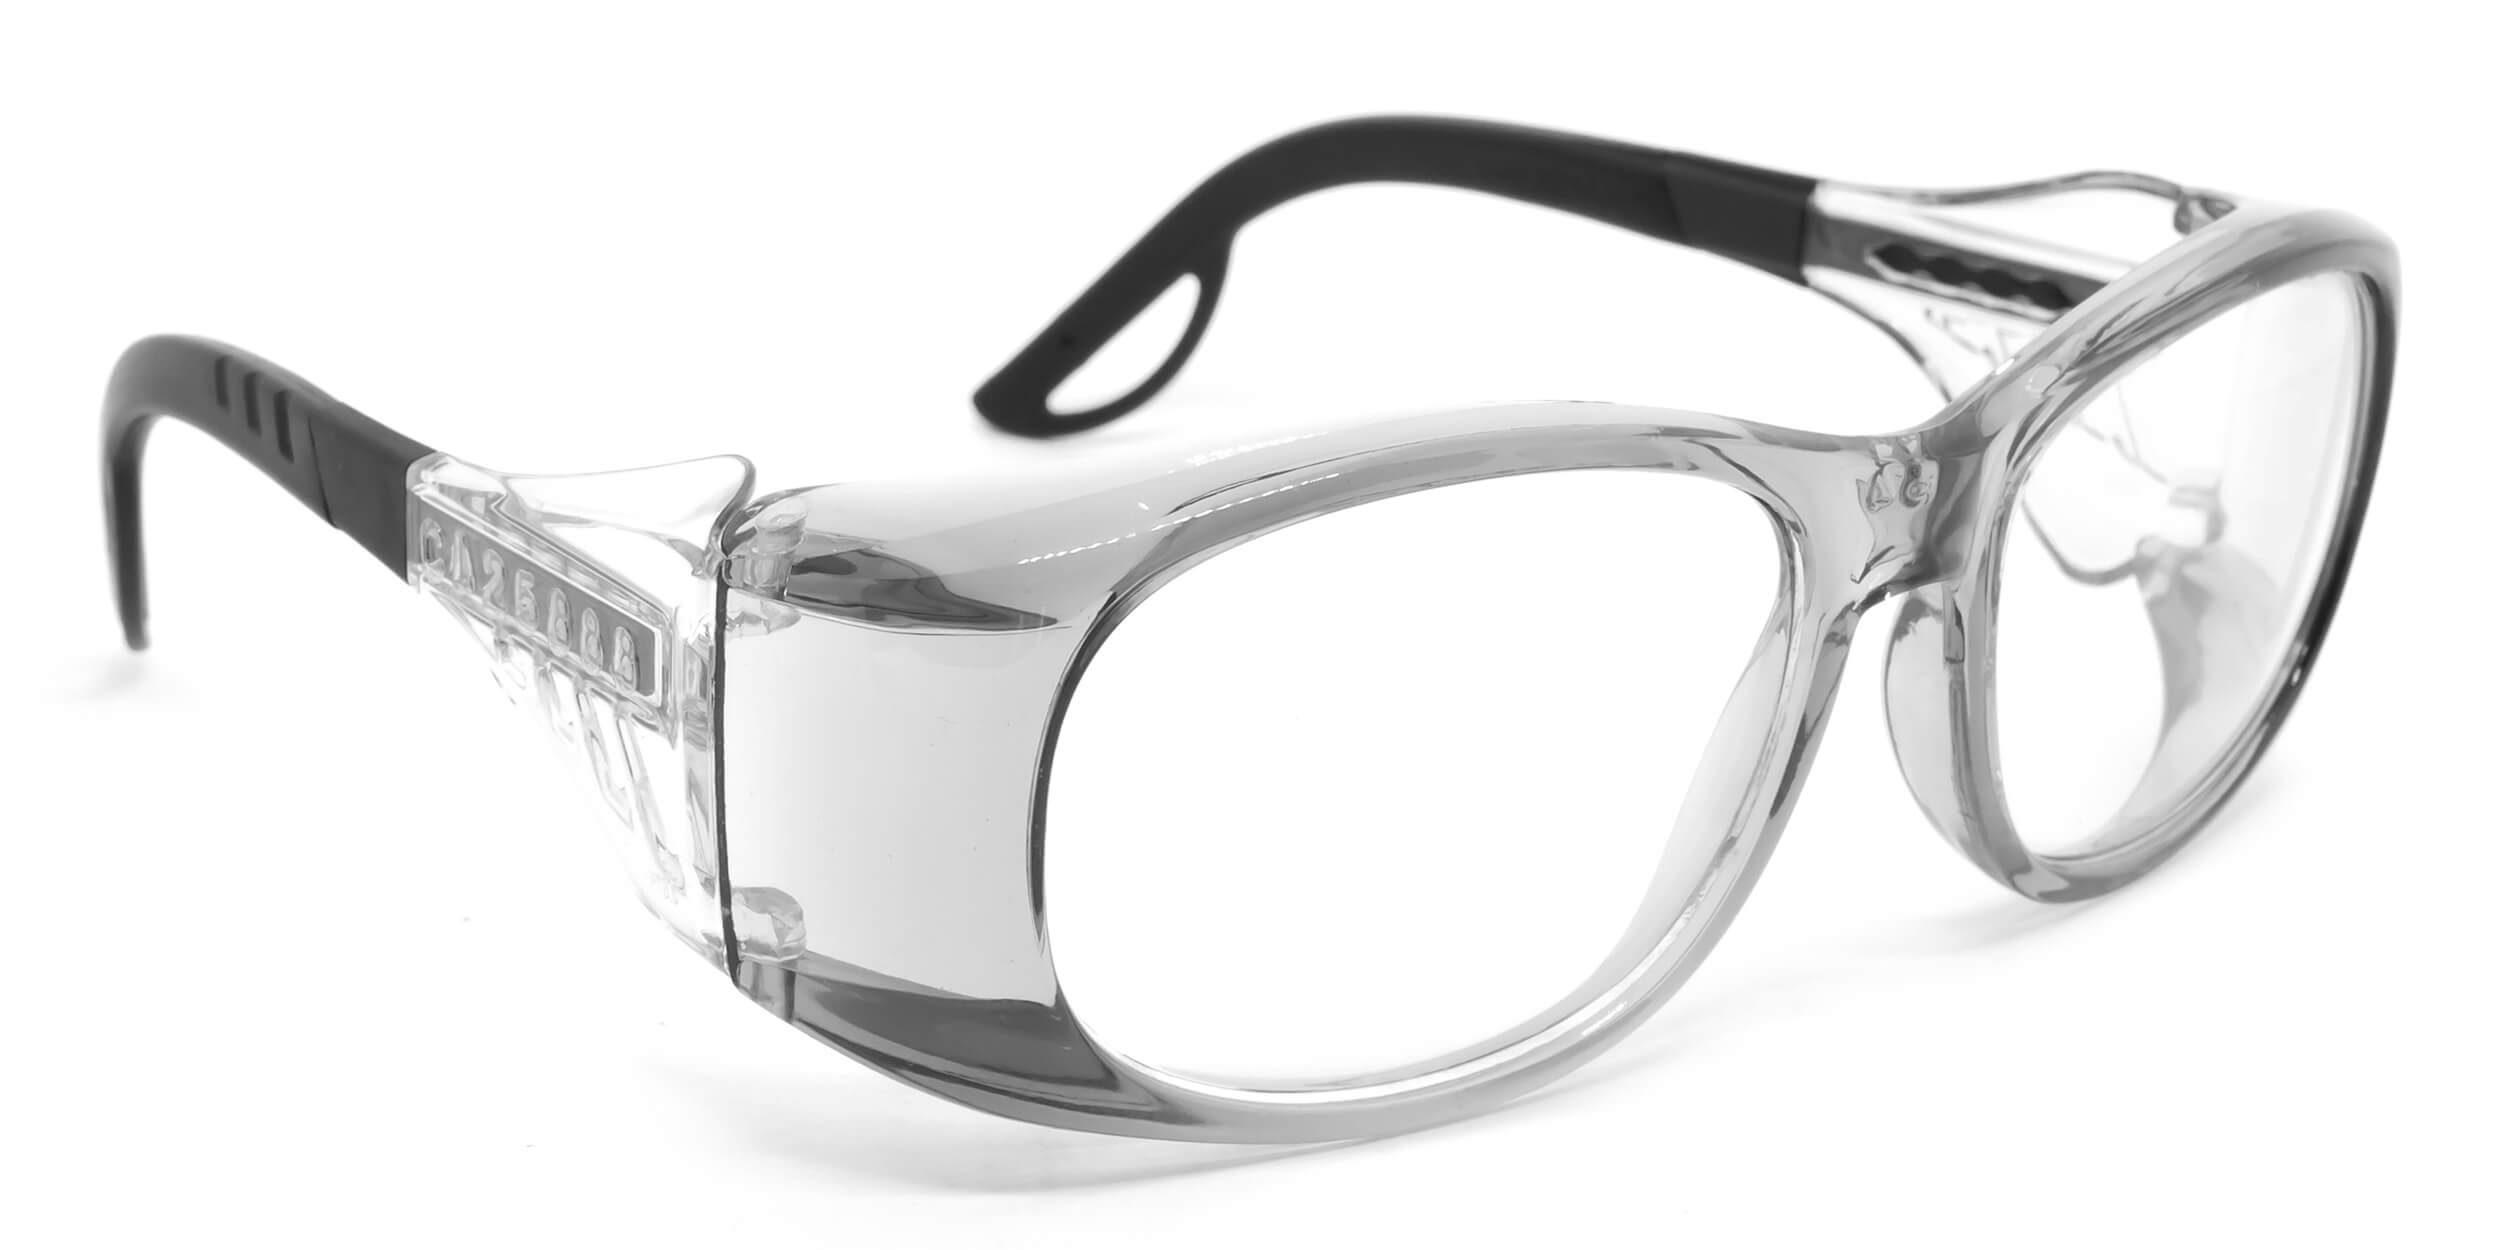 bee0380c8683d Óculos com proteção ...